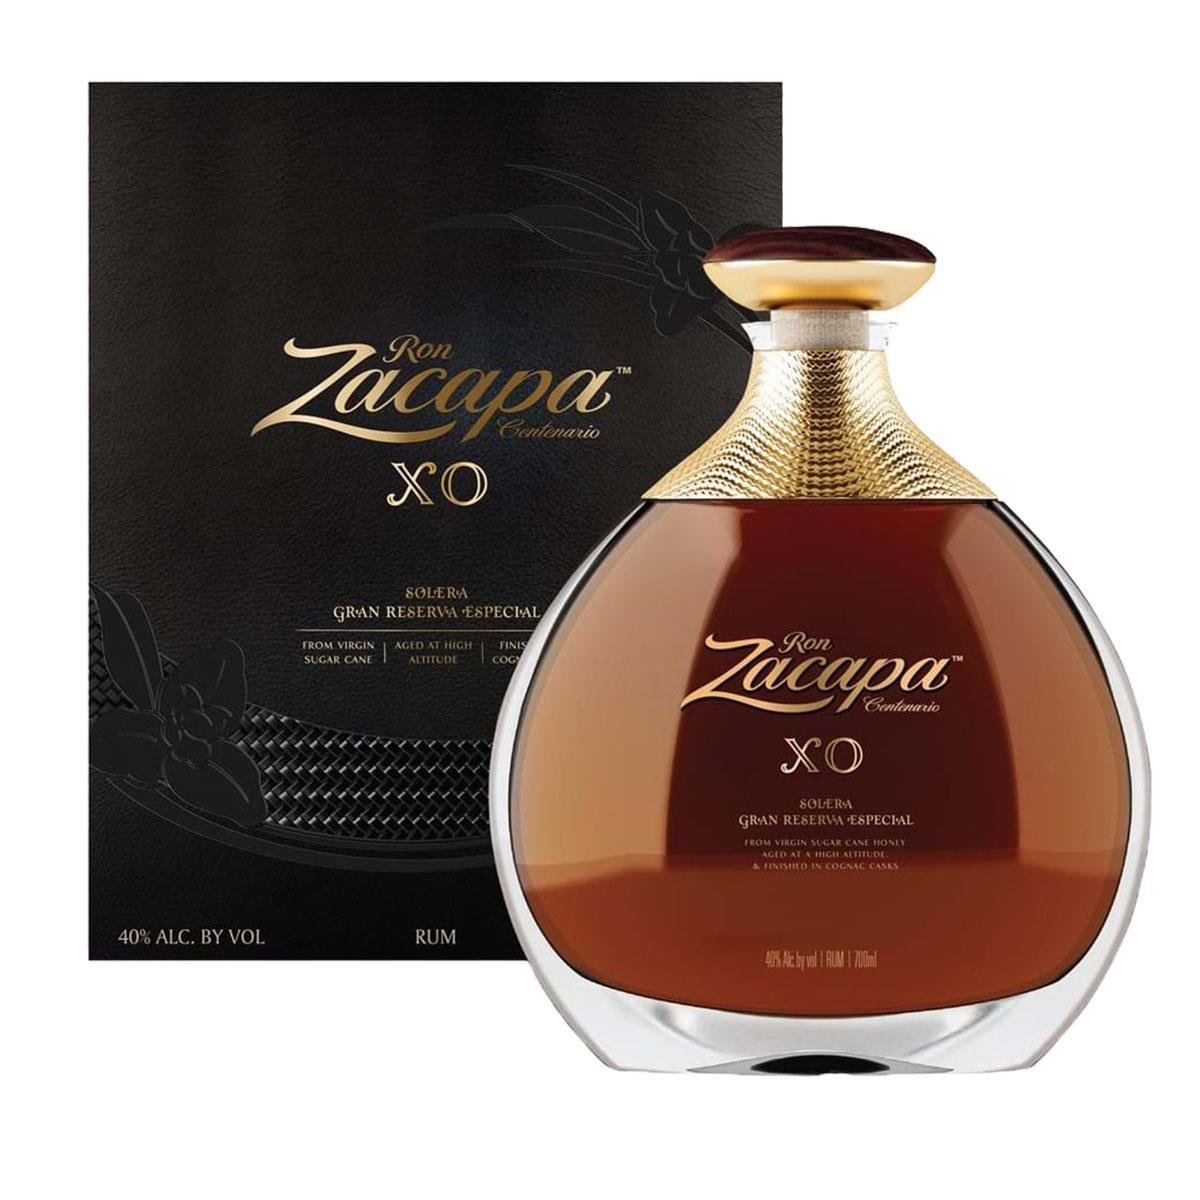 Ron Zacapa Centenario XO Rum 700ml